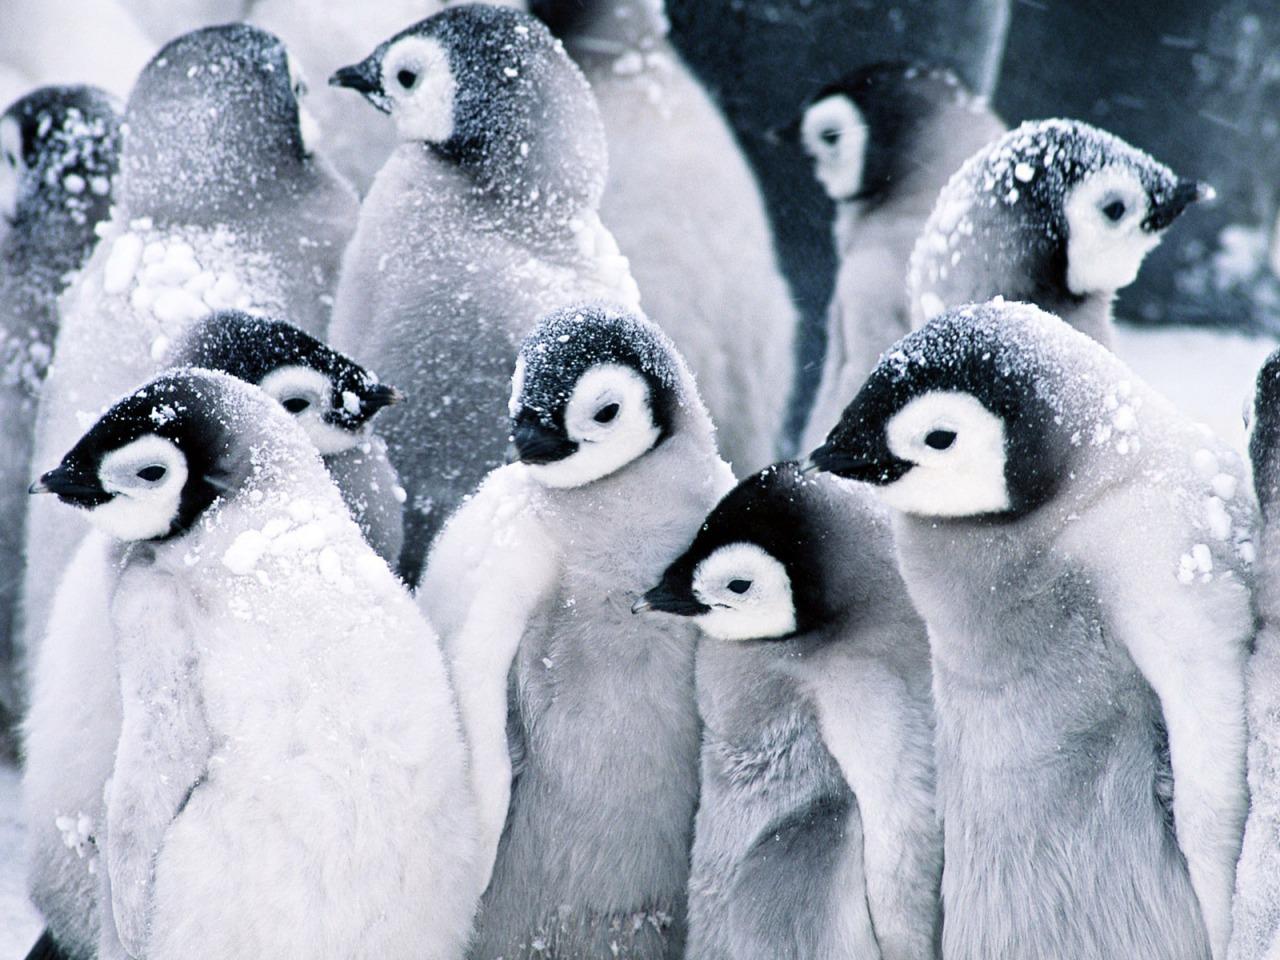 baby penguins wallpaper penguins animals wallpapers in jpg format